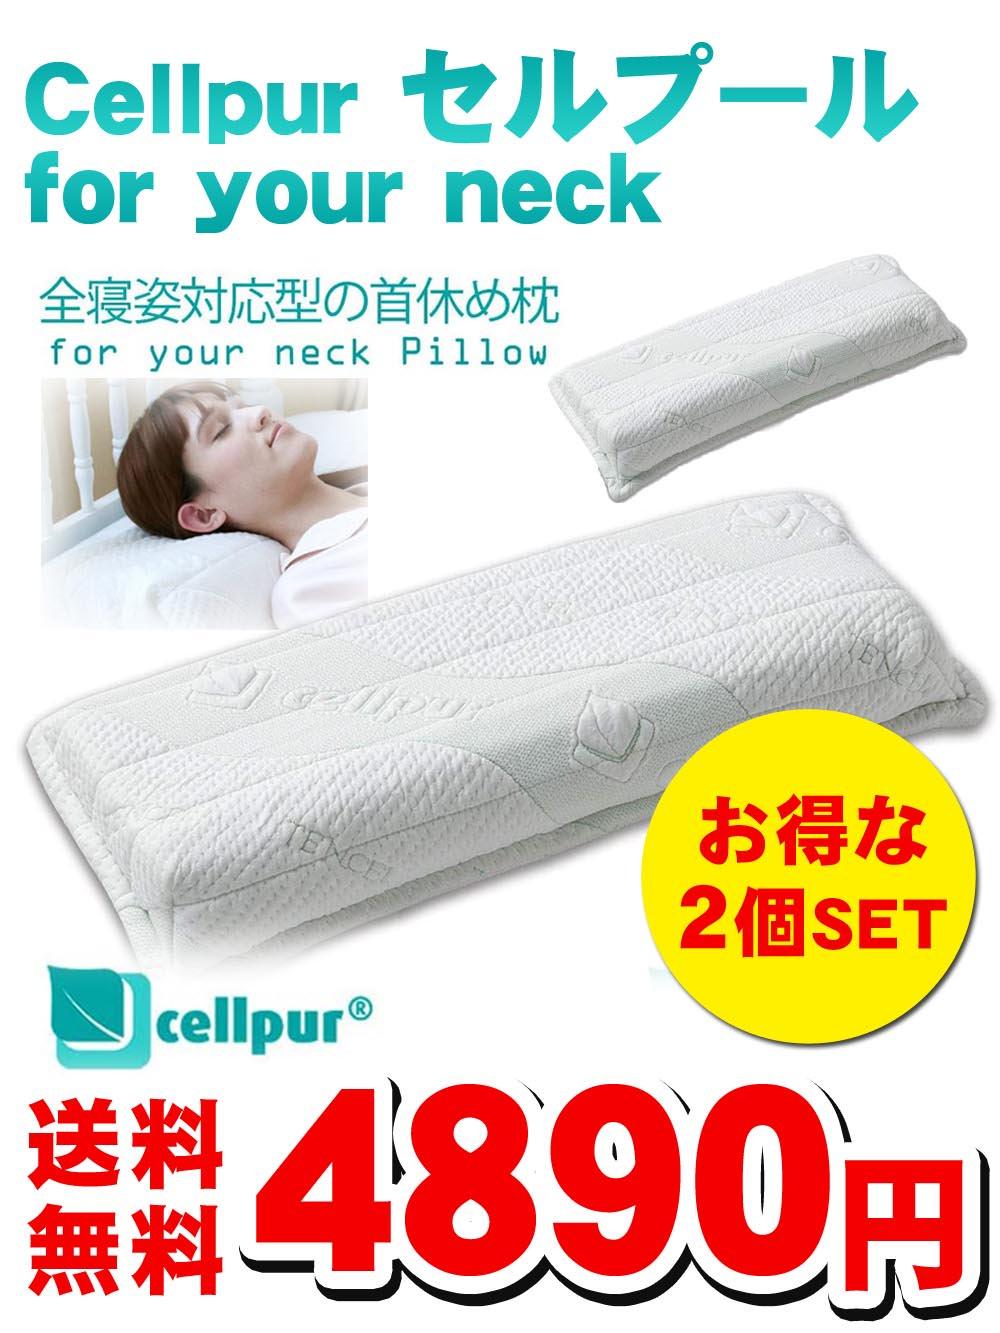 【送料無料】2個セット!セルプール フォー・ユア・ネック・ピロー【全寝姿対応型の首休め枕】4890円